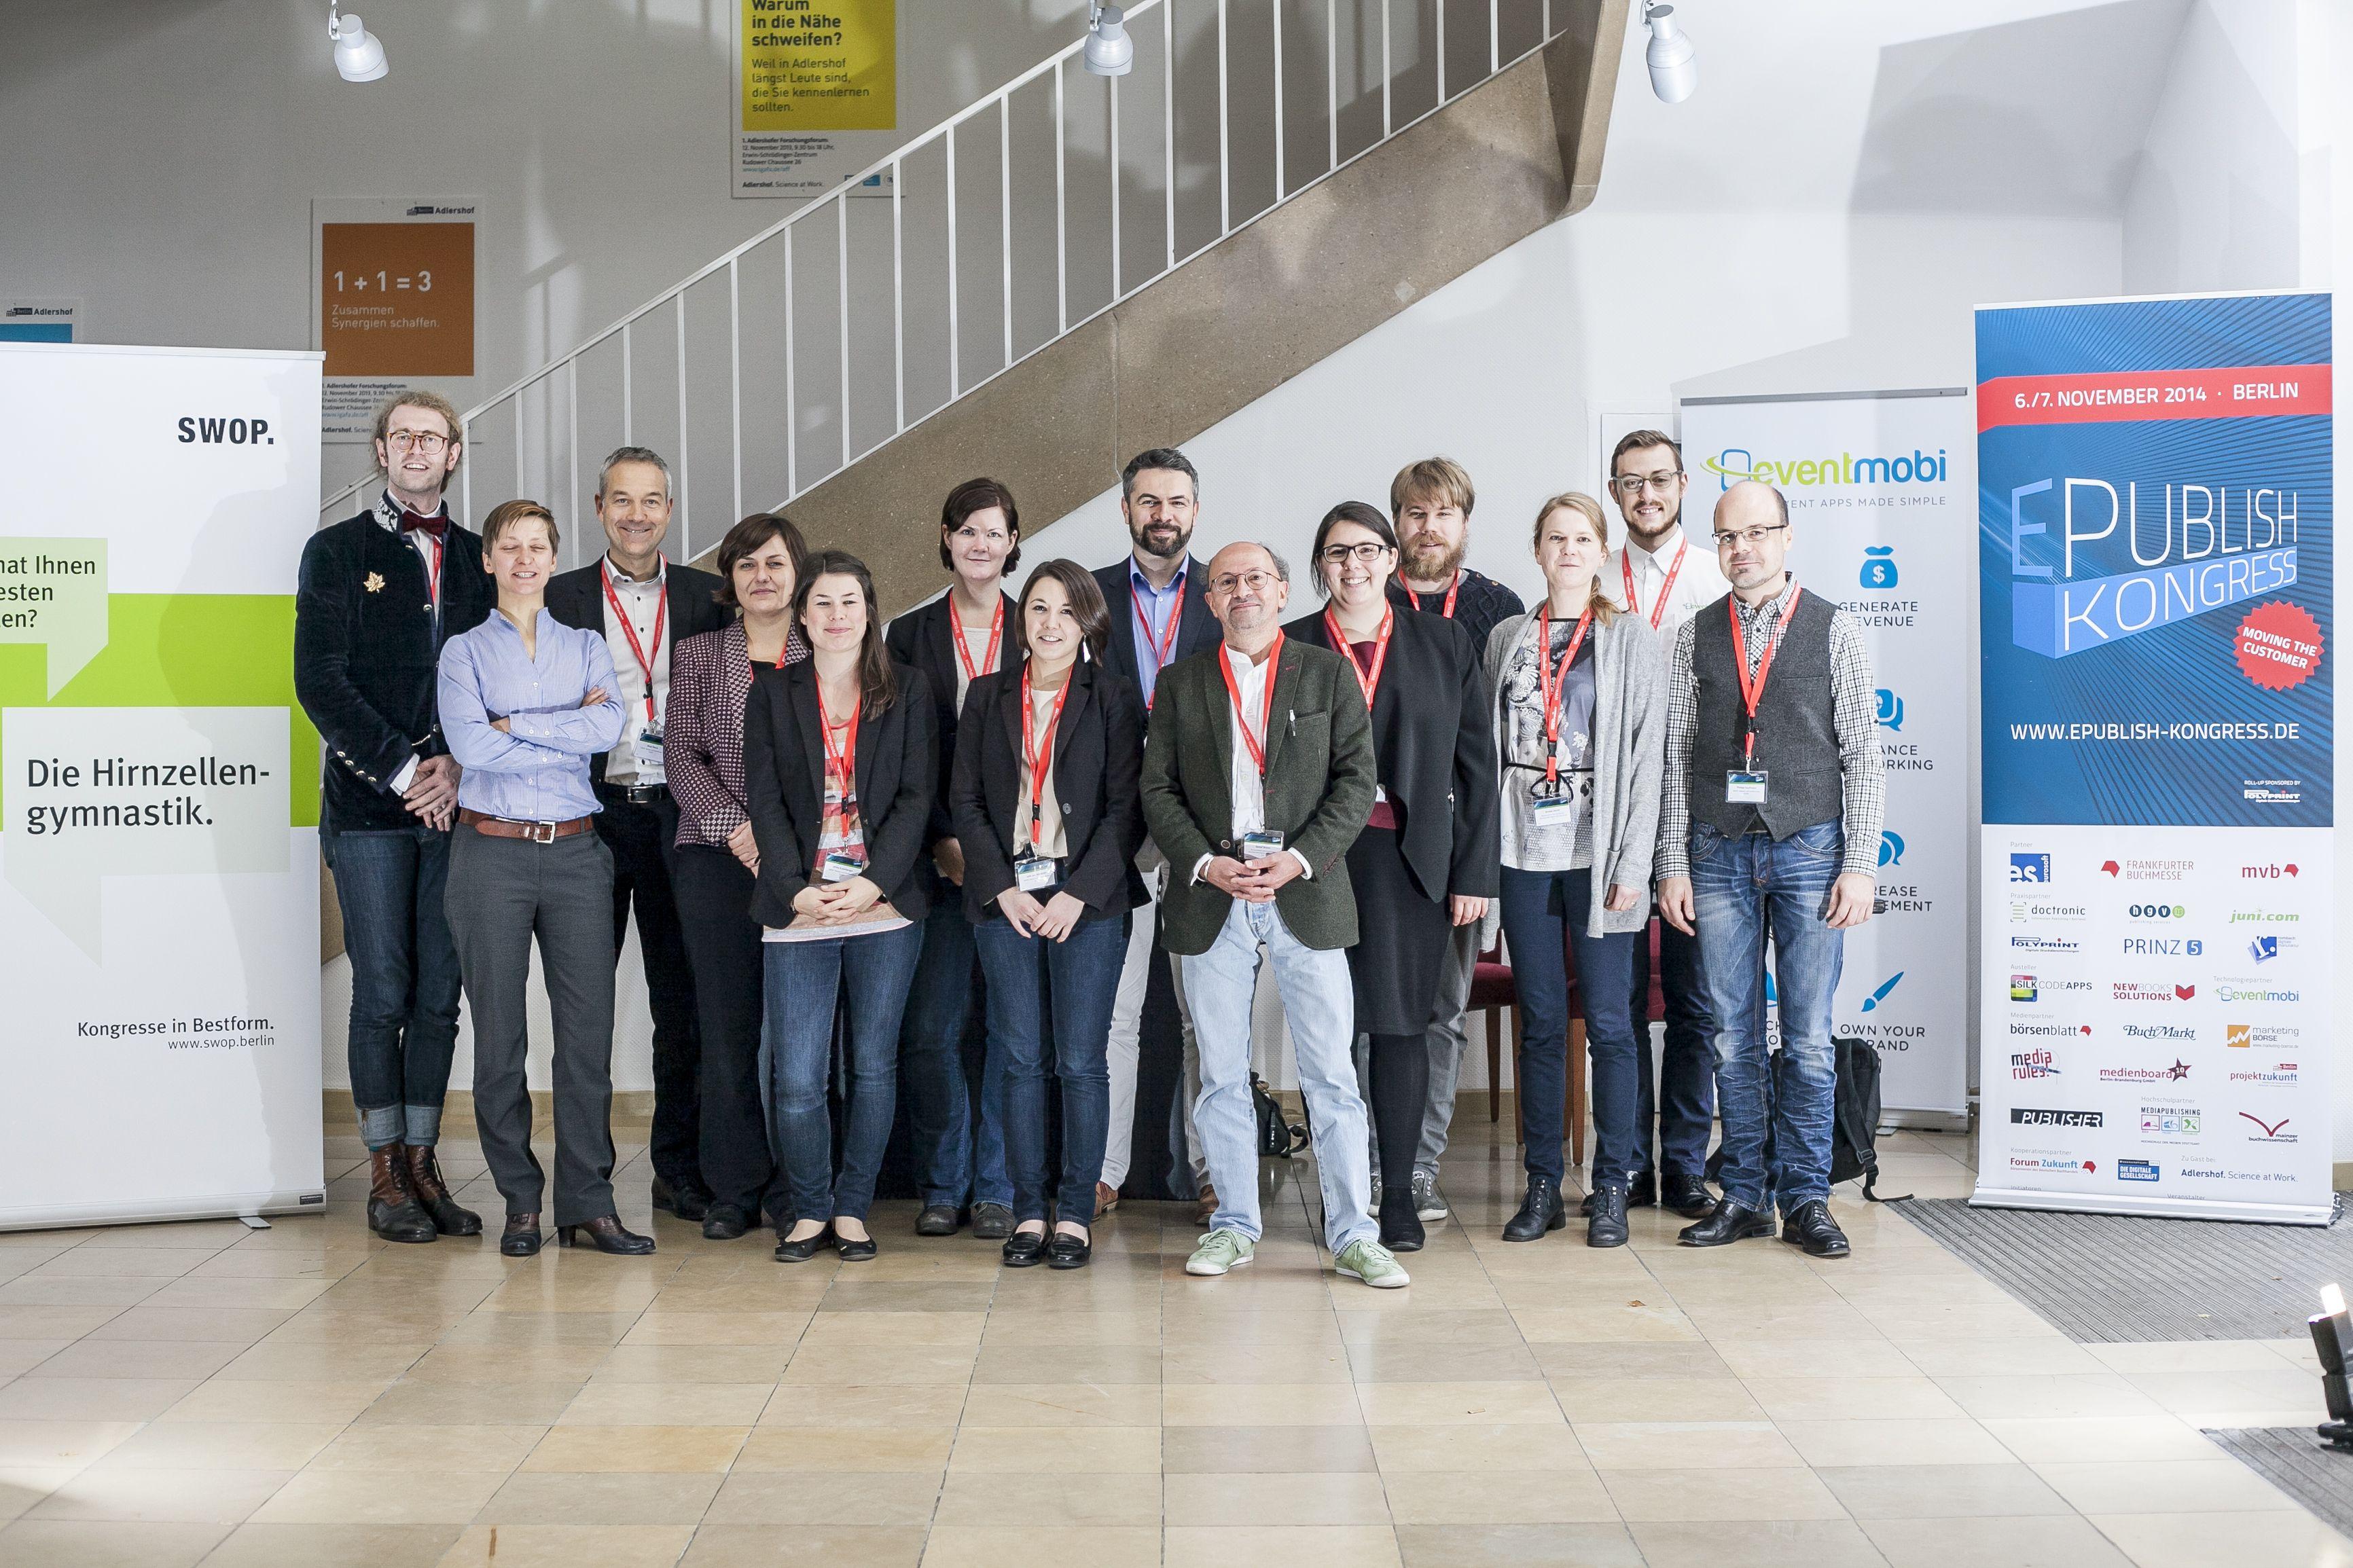 Danke an alle Referenten,Teilnehmer und alle anderen Beteiligten für ein erfolgreiches E:PUBLISH 14!